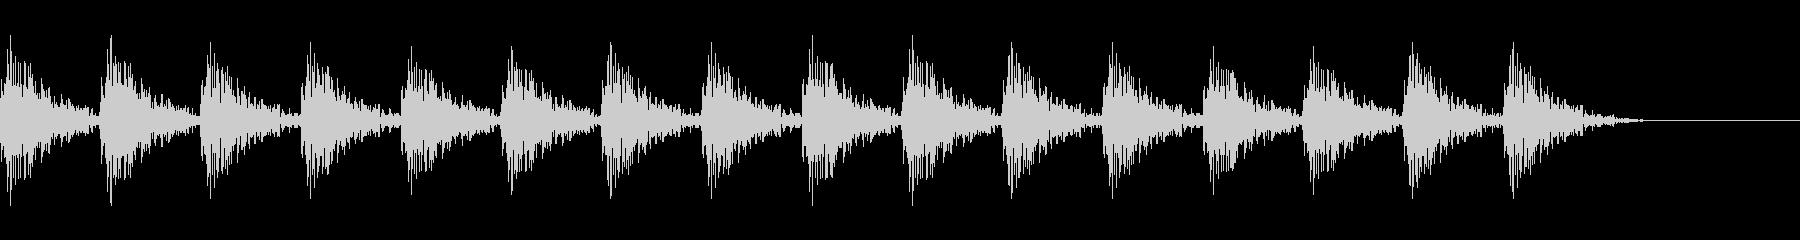 どんどん(巨人、速歩き)A11の未再生の波形